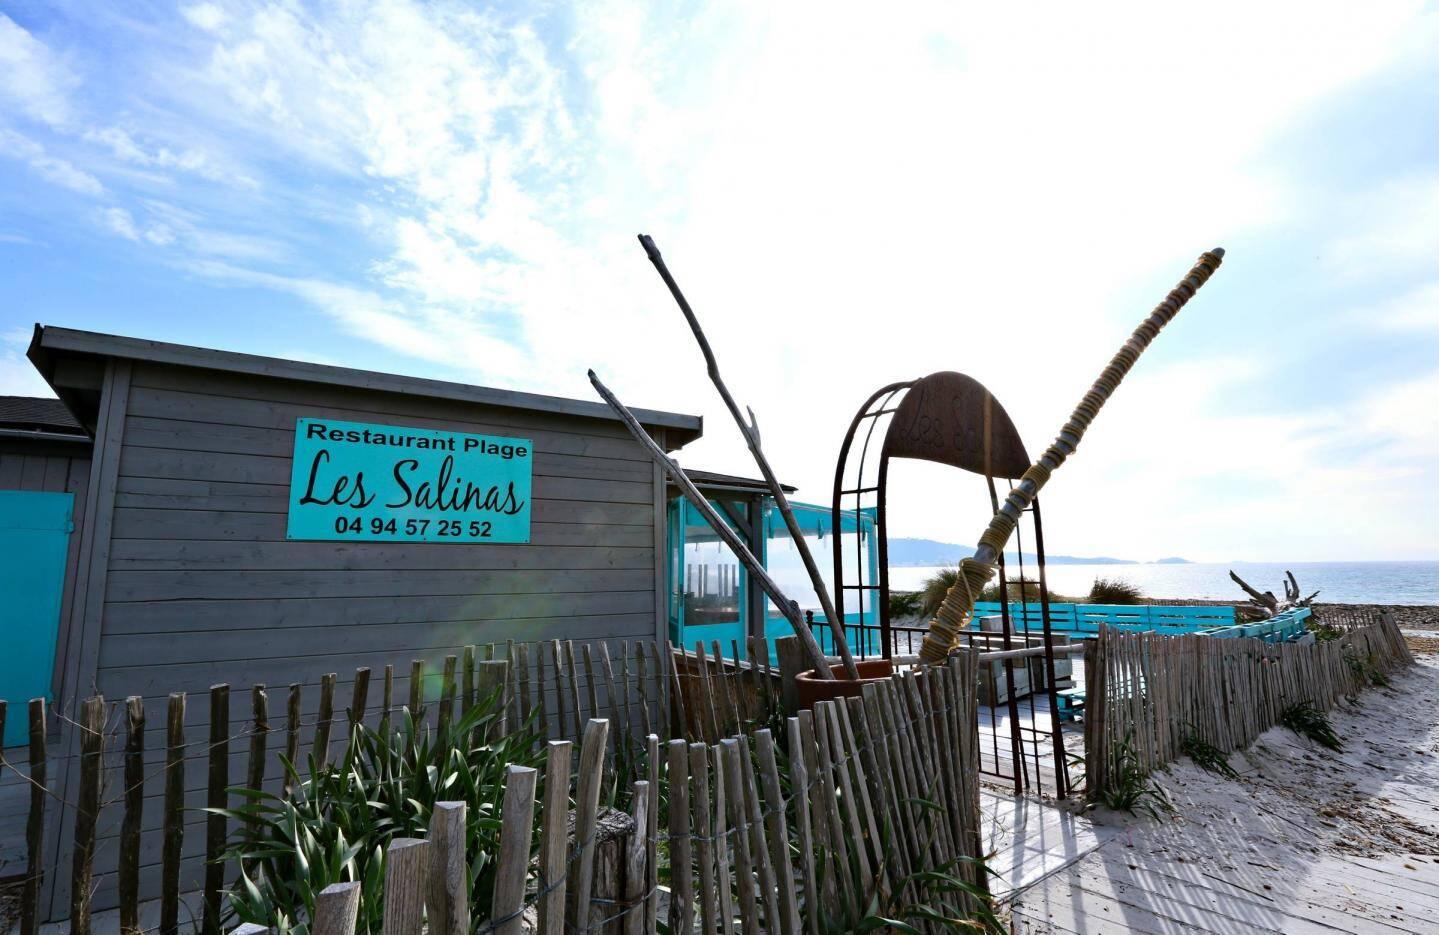 La plage Les Salinas à l'Almanarre vit sa dernière saison cet été, elle sera démontée cet automne.